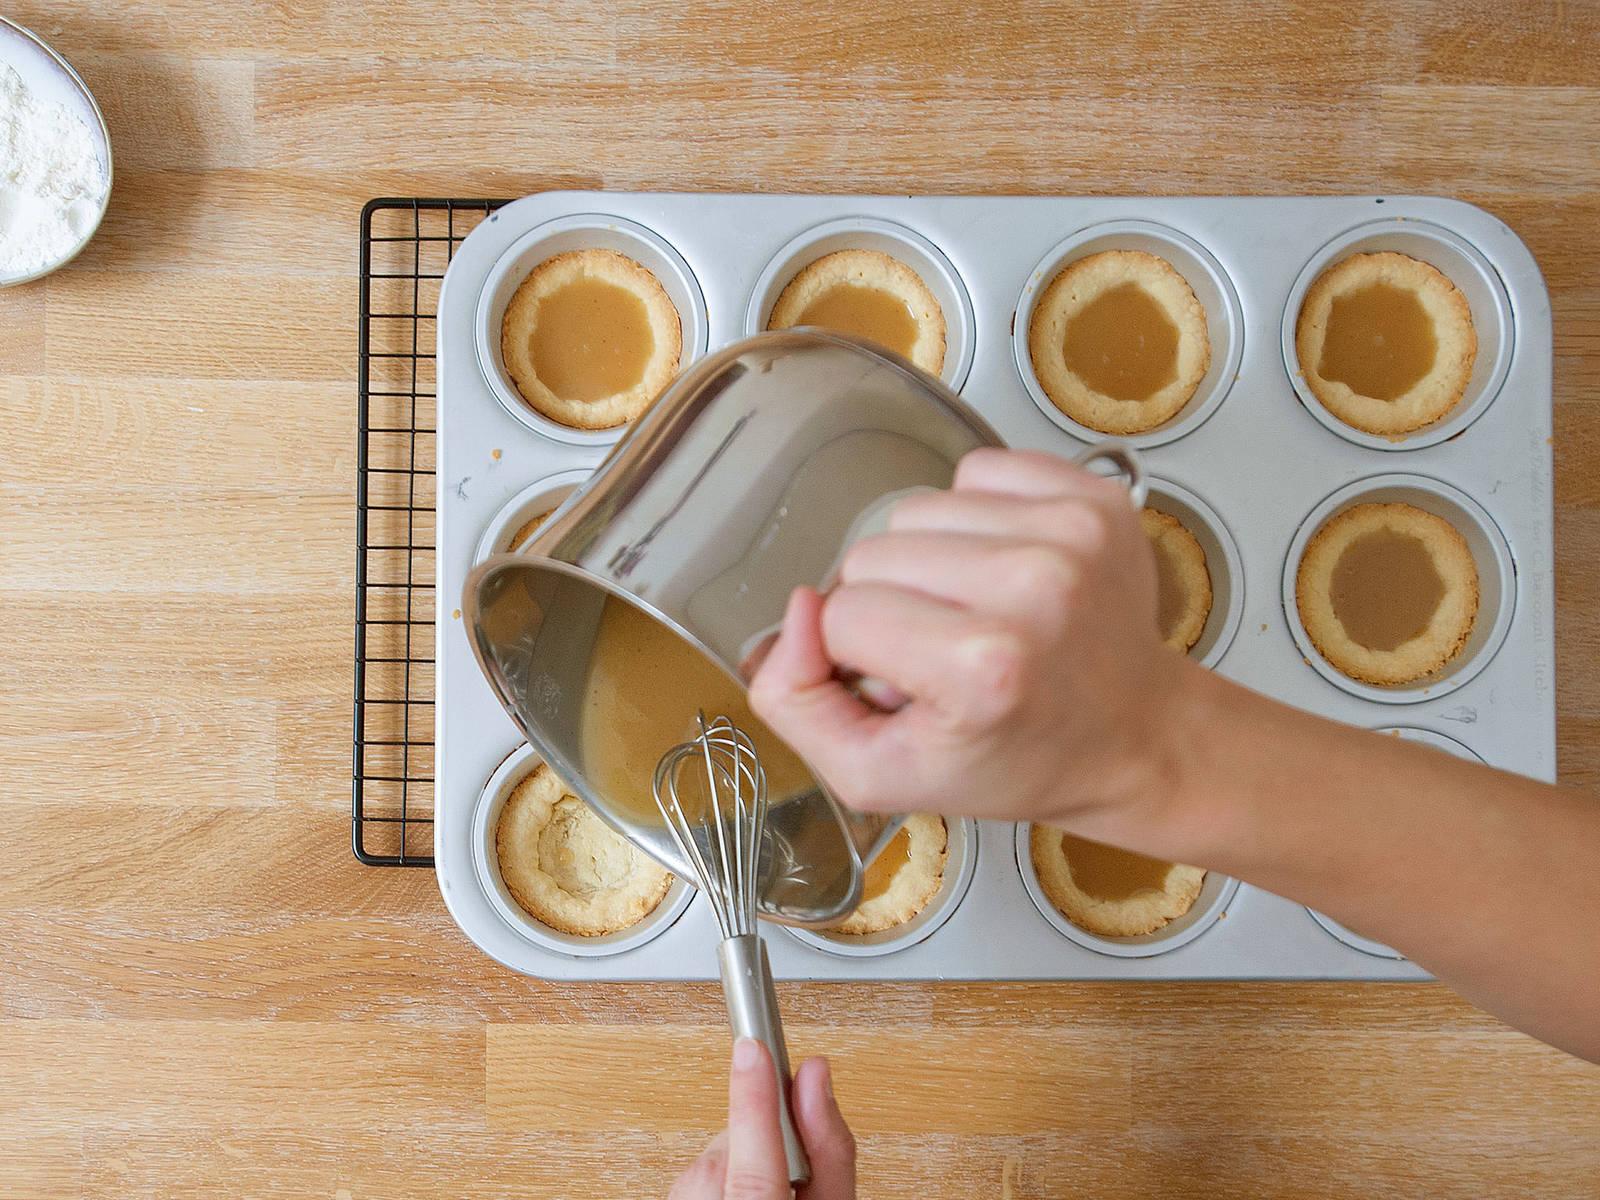 Karamell in die abgekühlten Cups füllen und ca. 6 - 8 Min. bei 180°C weiter backen. Anschließend komplett auskühlen lassen.